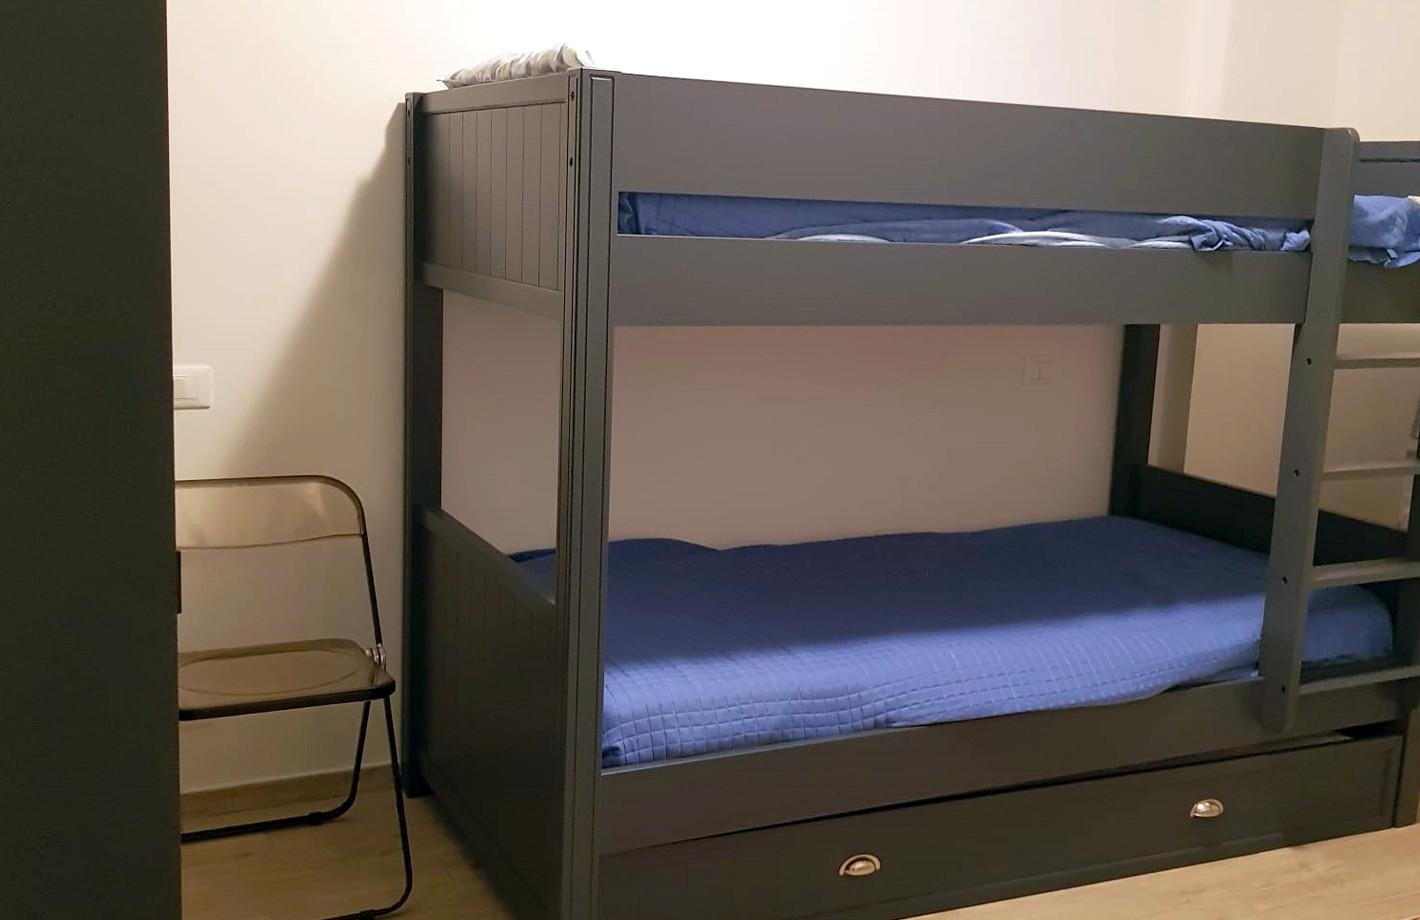 camera letto piccola rif. 13